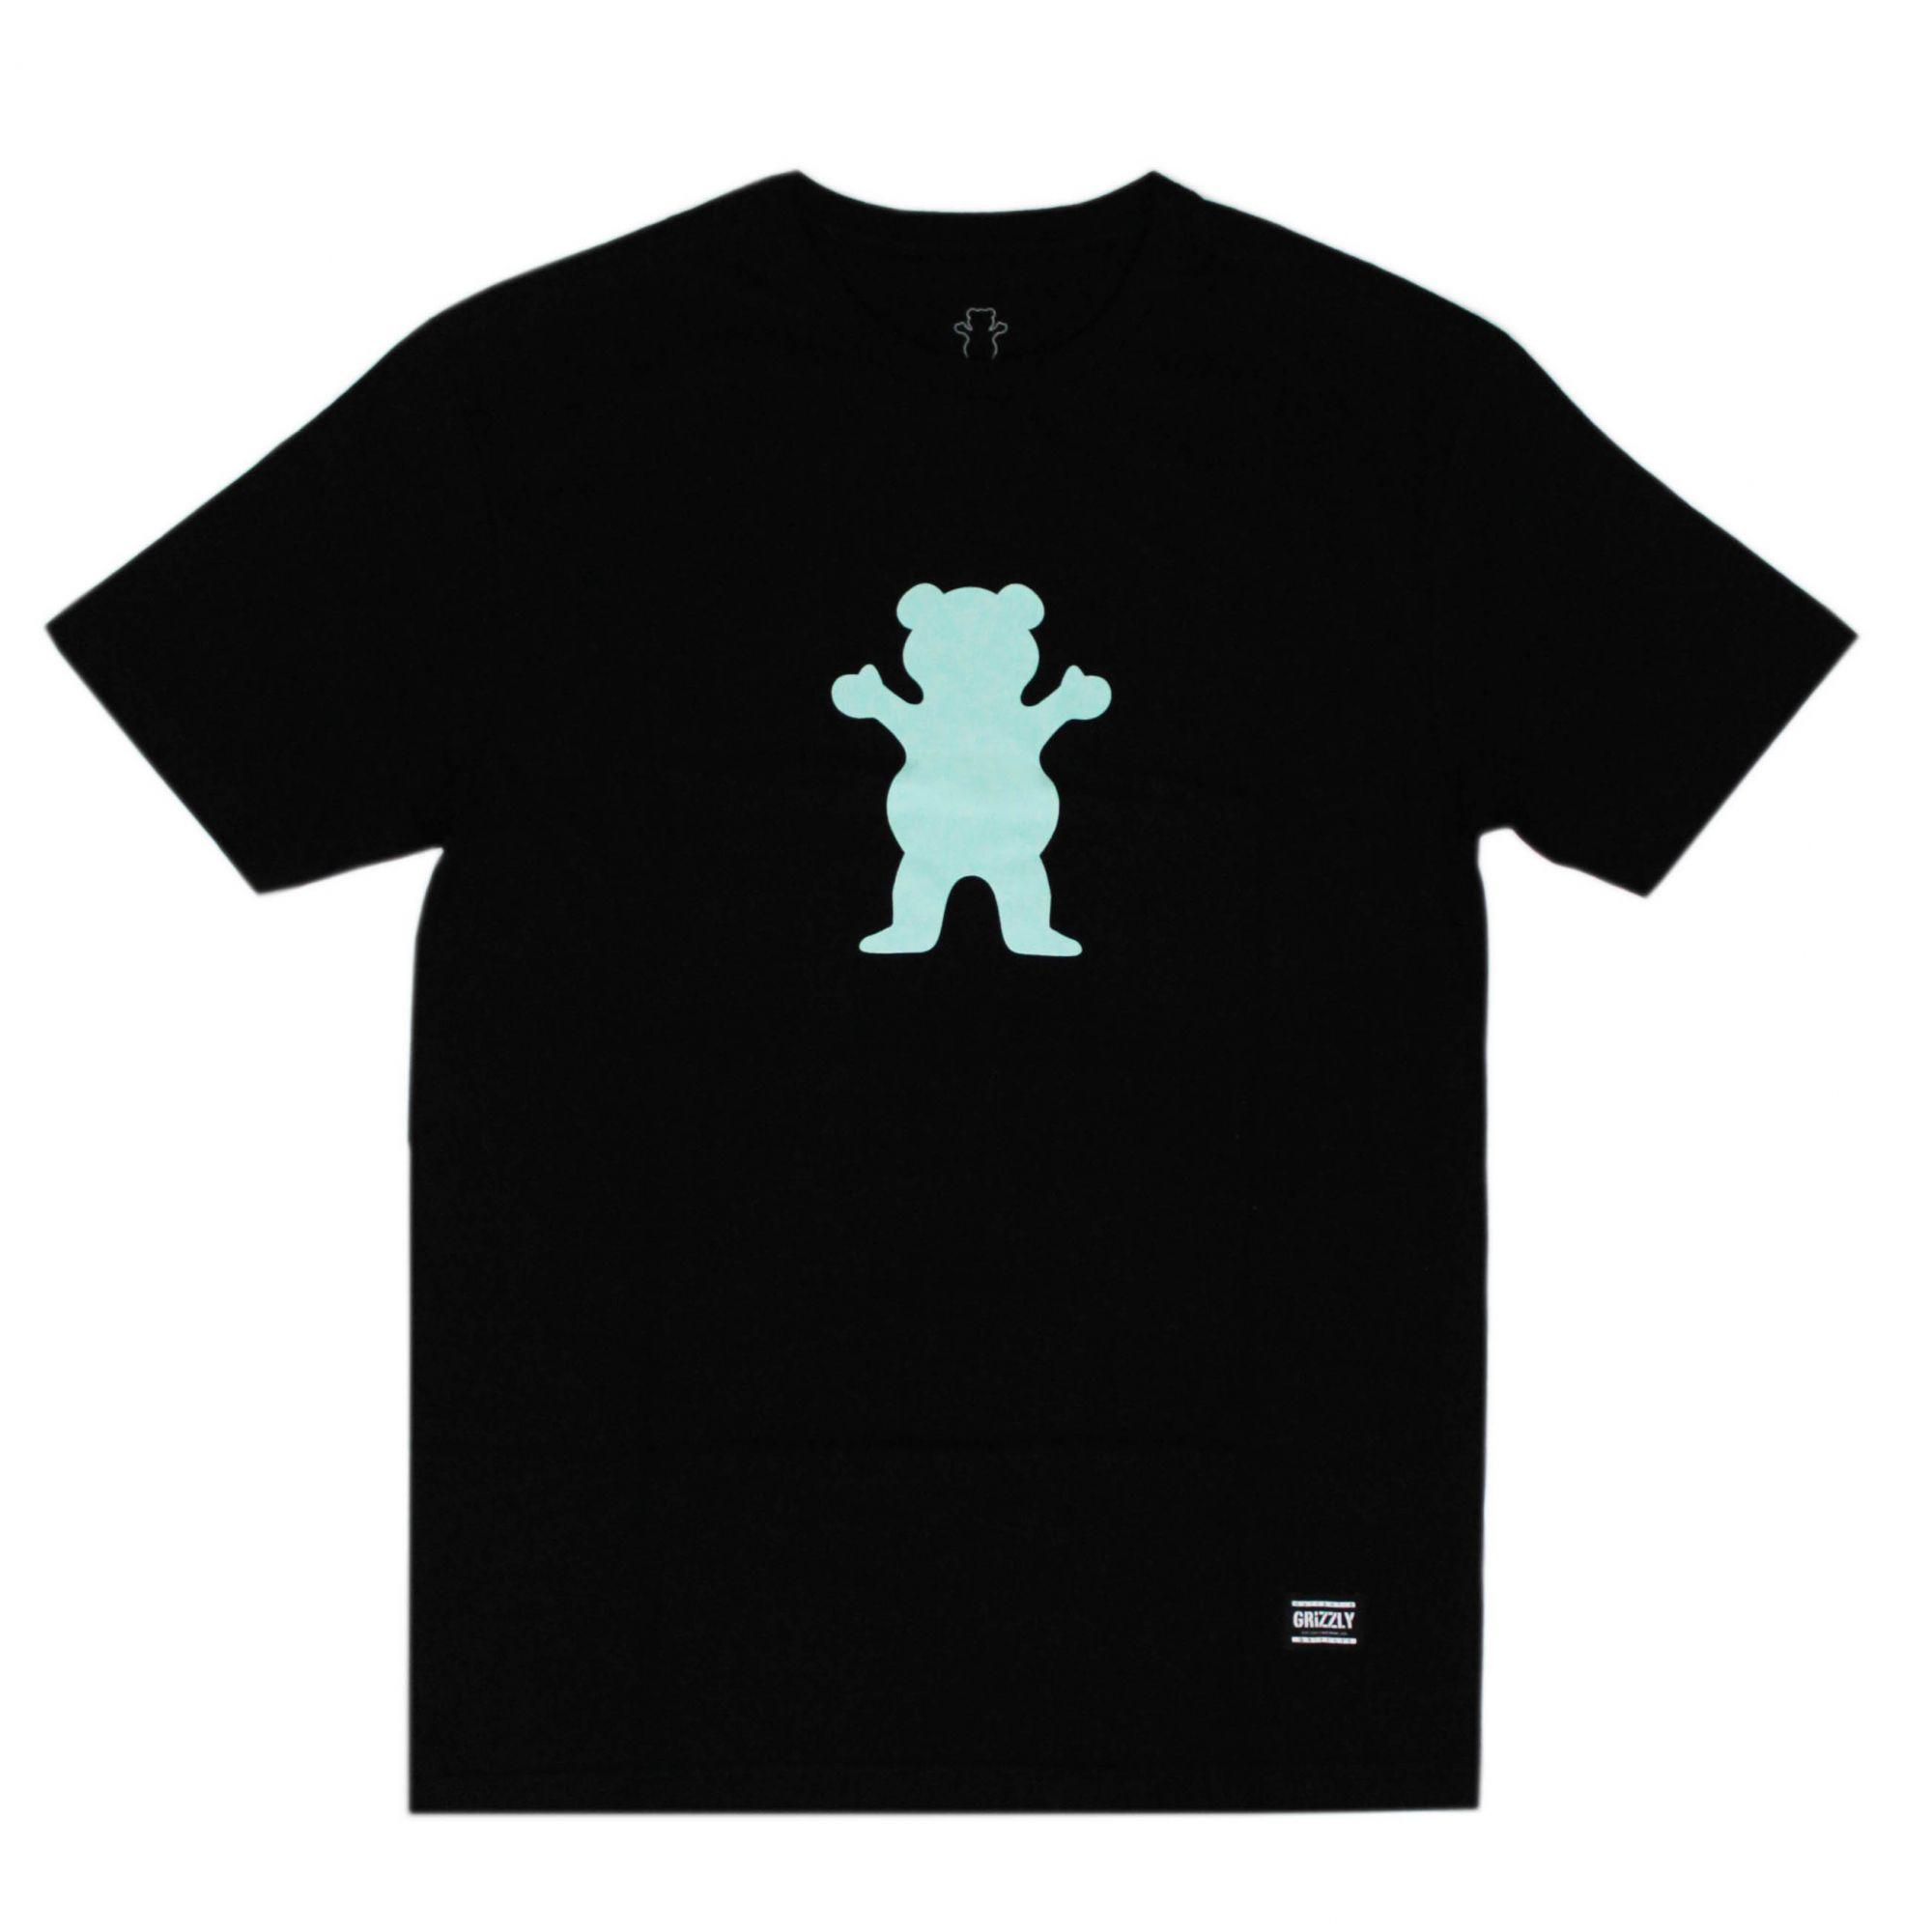 Camiseta Grizzly Og Bear Logo Preto/Azul